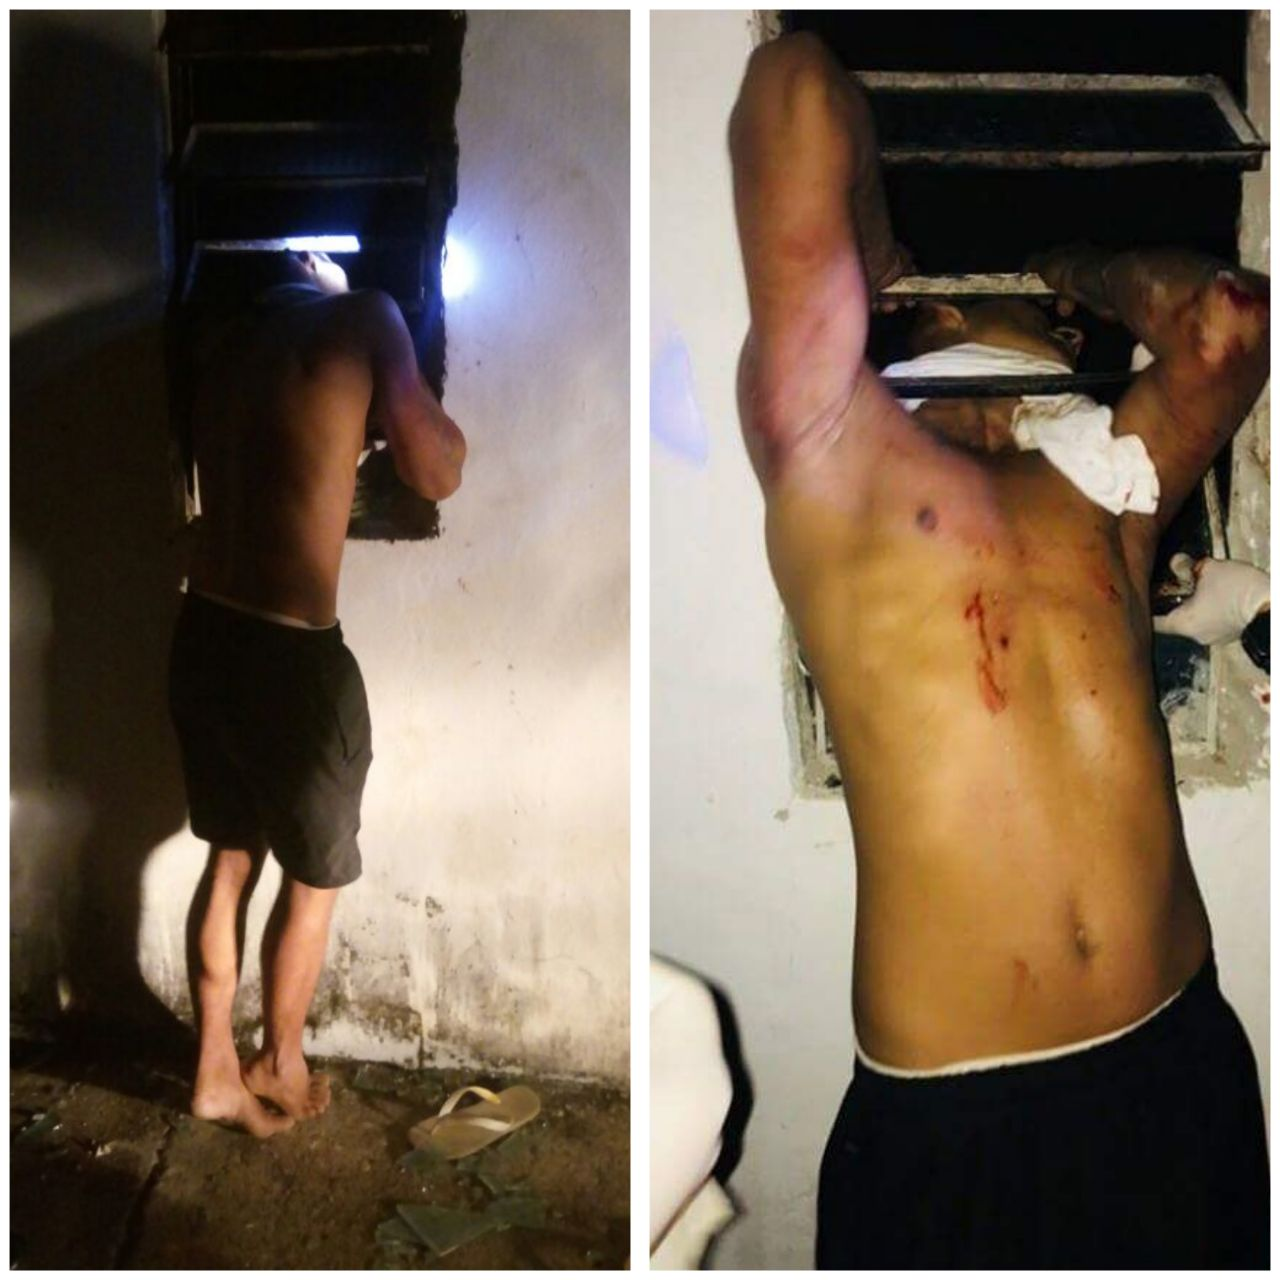 Inusitado: Homem fica preso em janela durante tentativa de furto em Tianguá